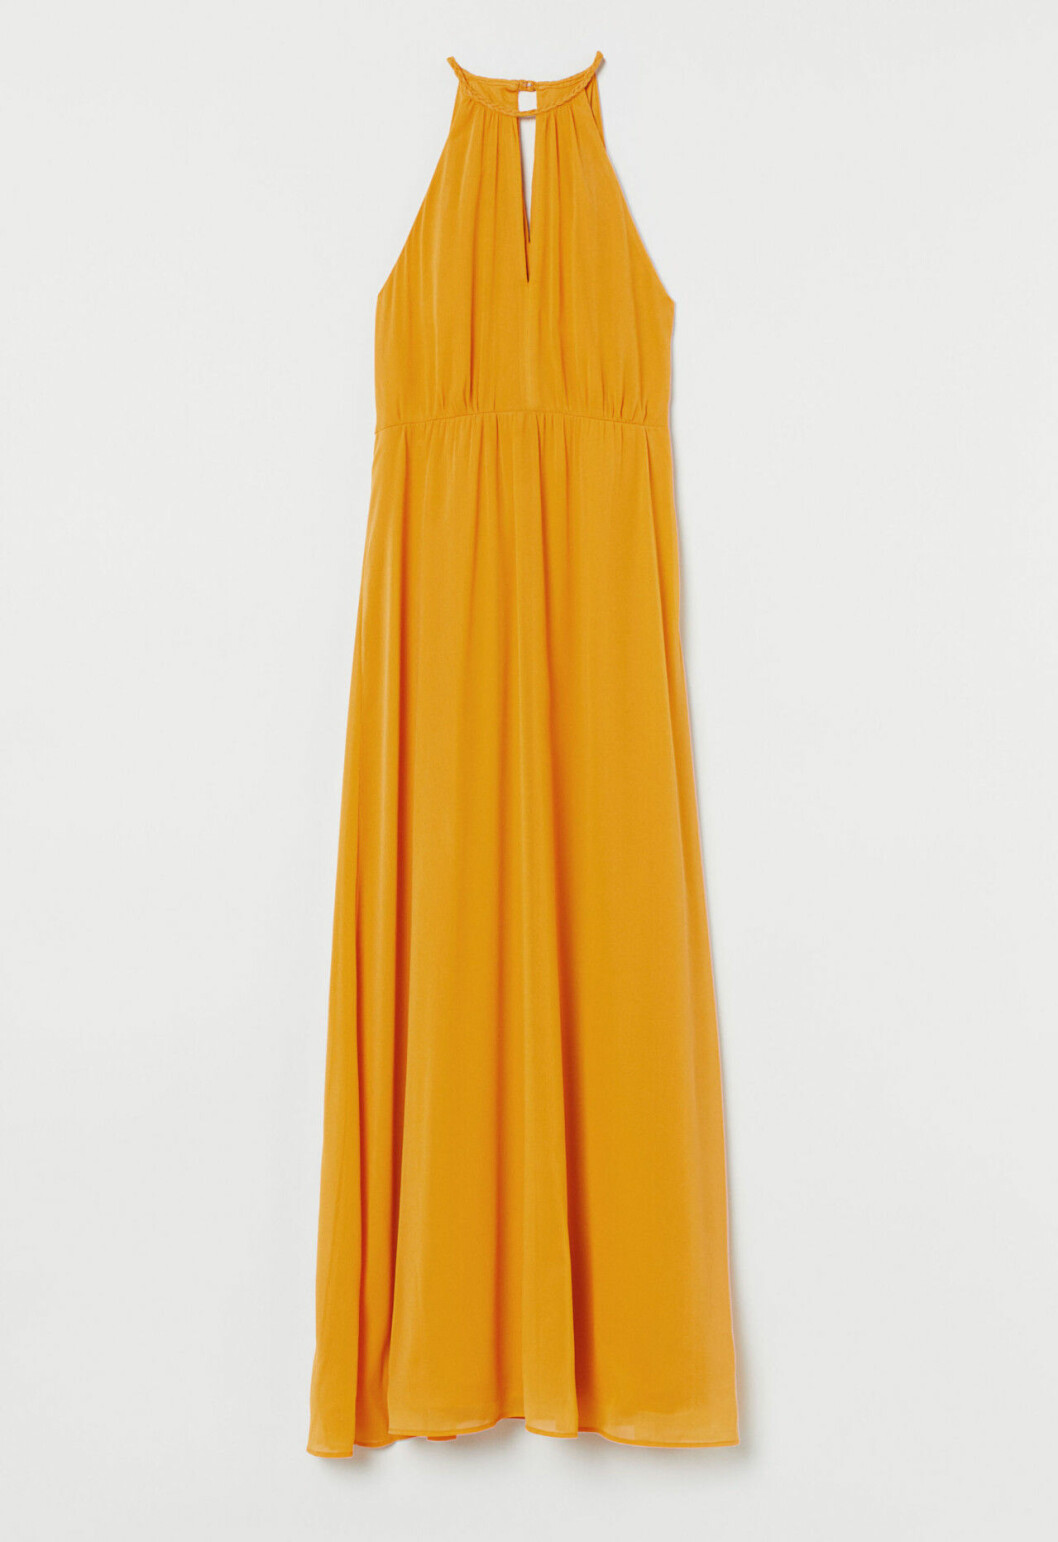 Gul klänning till brudtärnan 2020